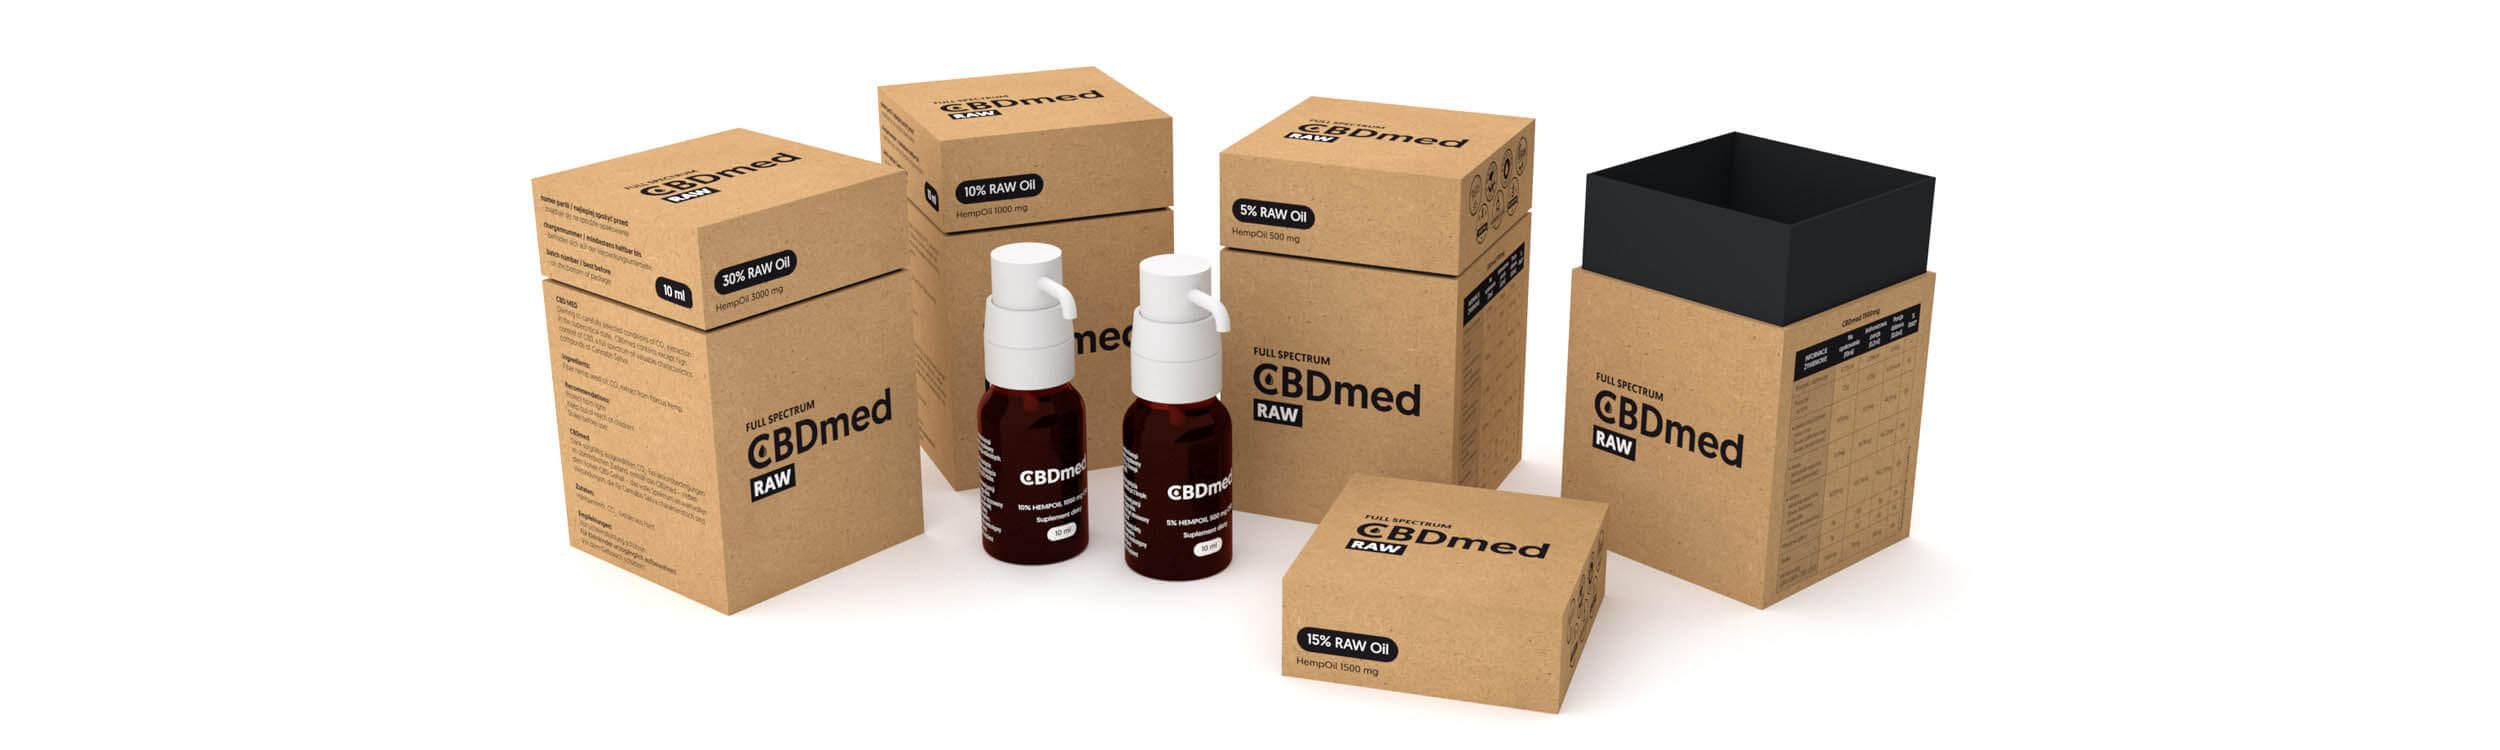 pixels can talk 3d cbdmed labels and packaging big